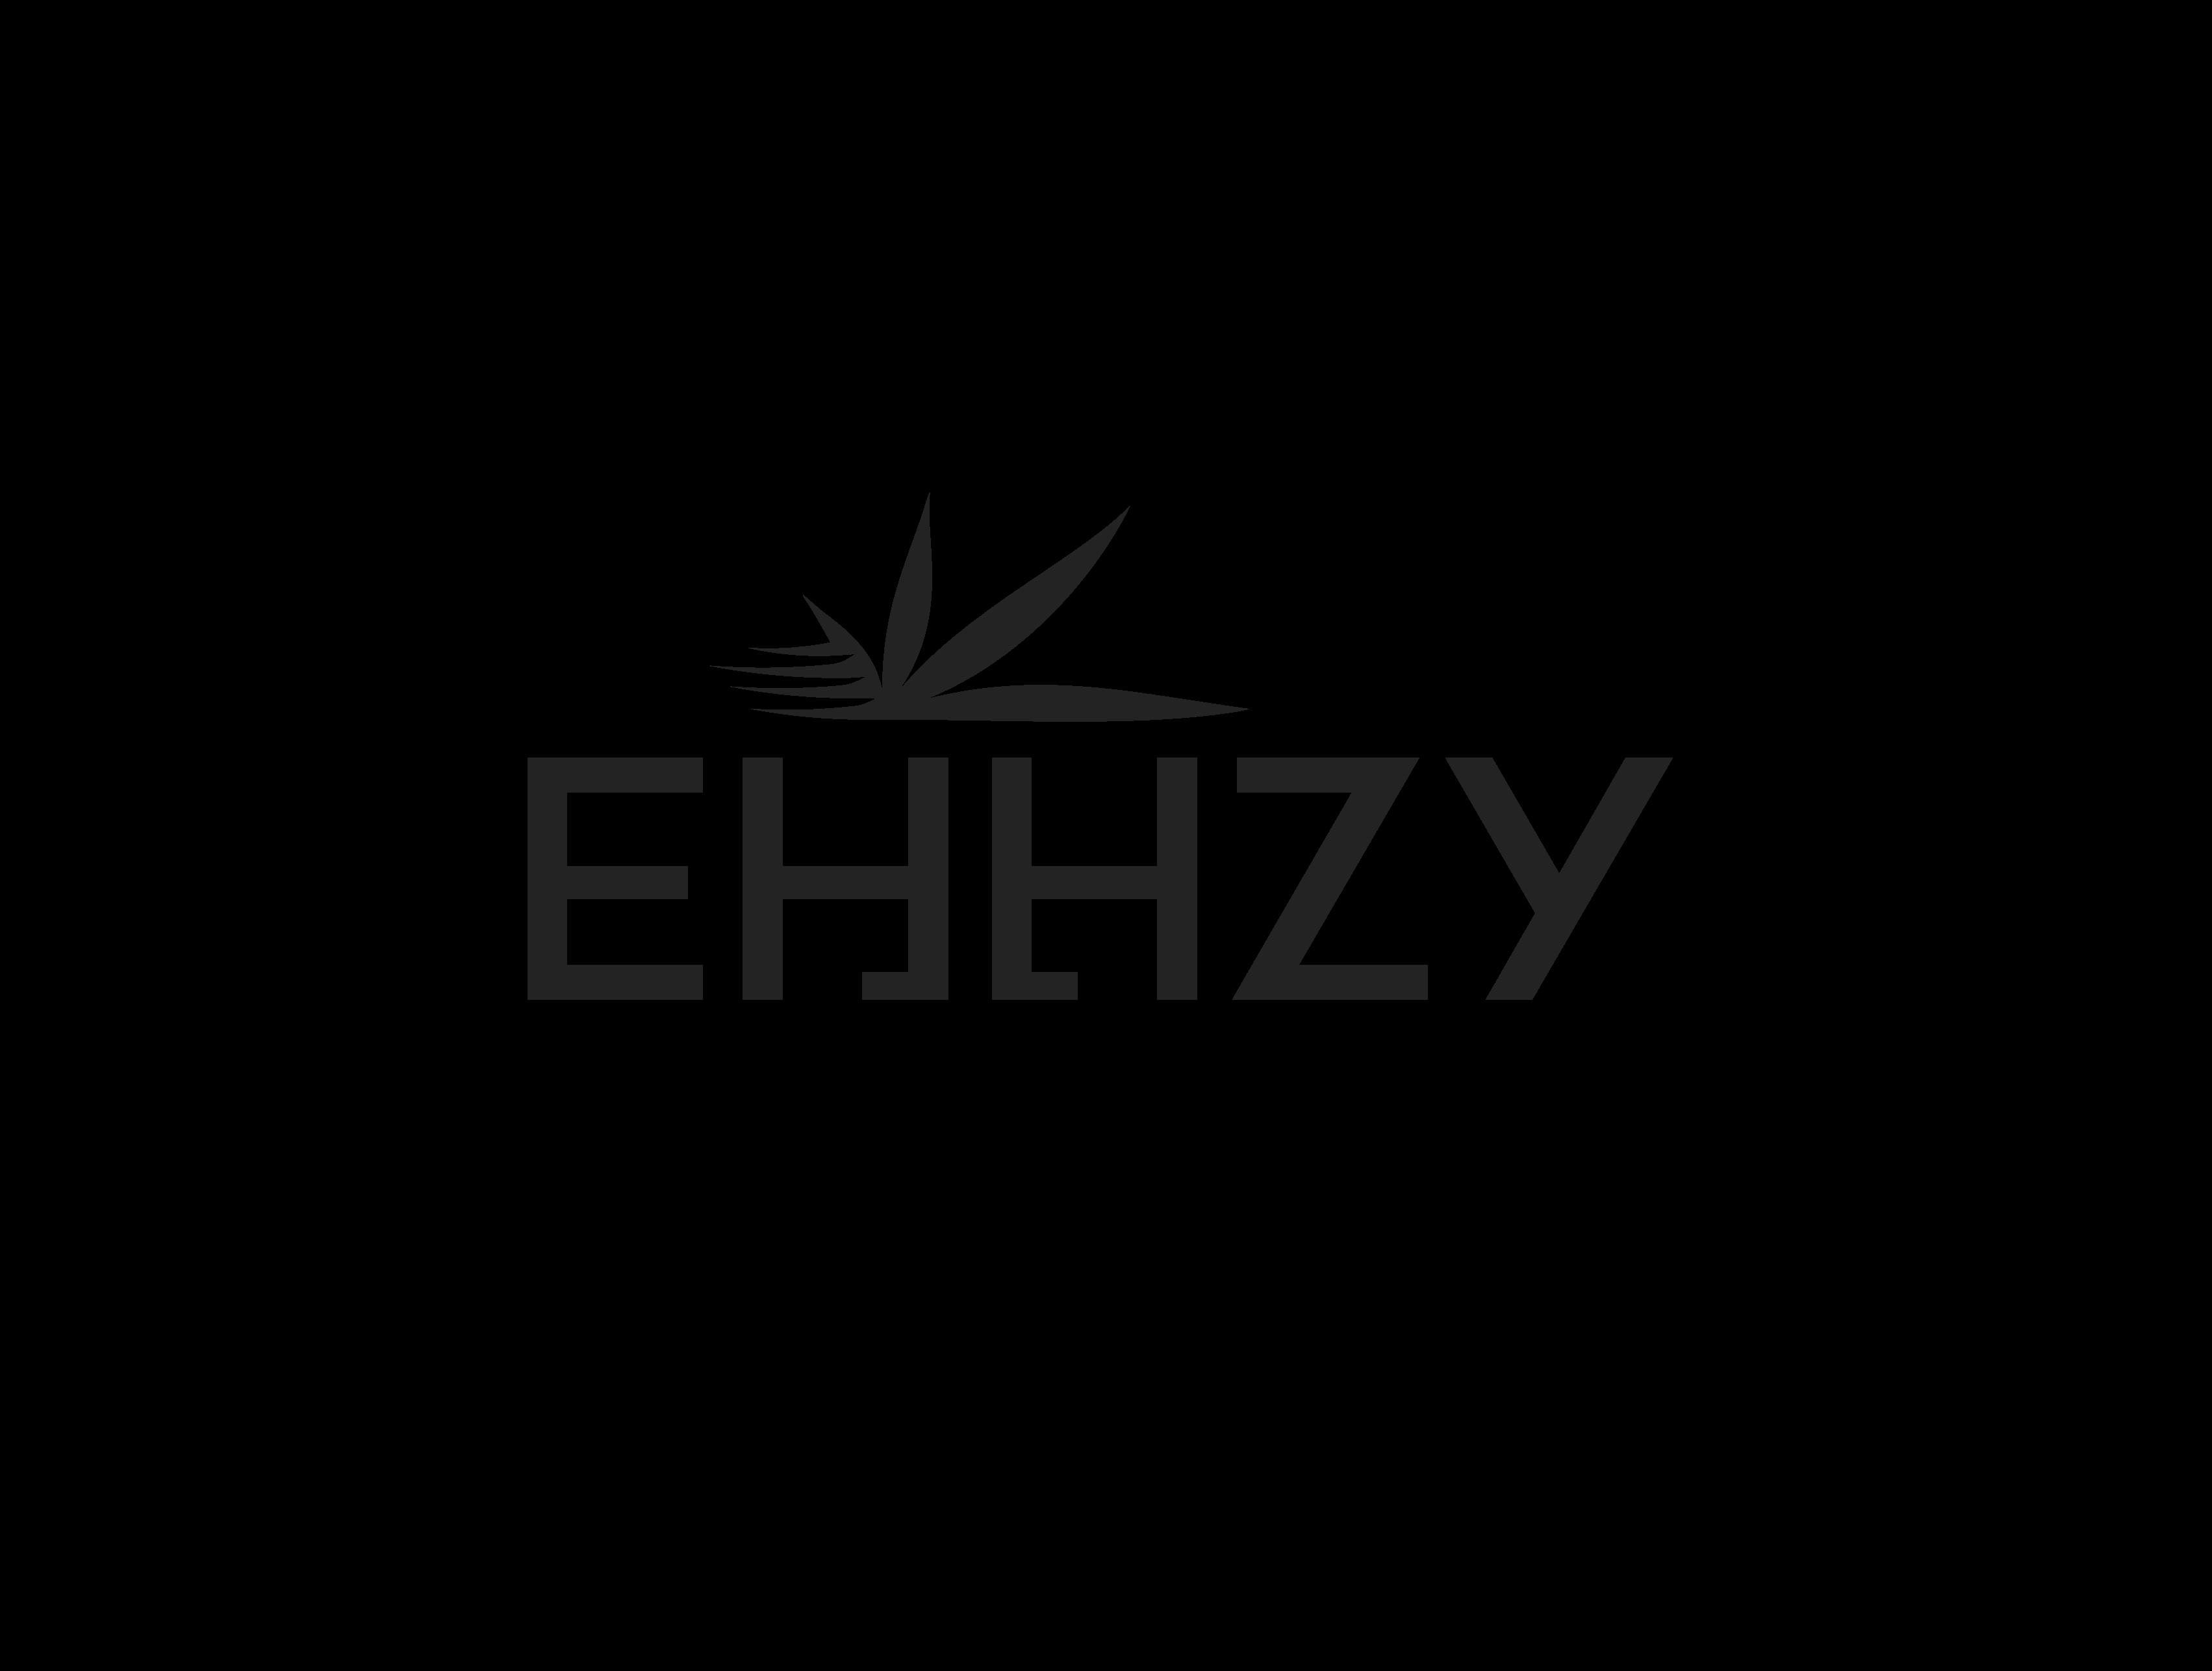 logo ehhzy